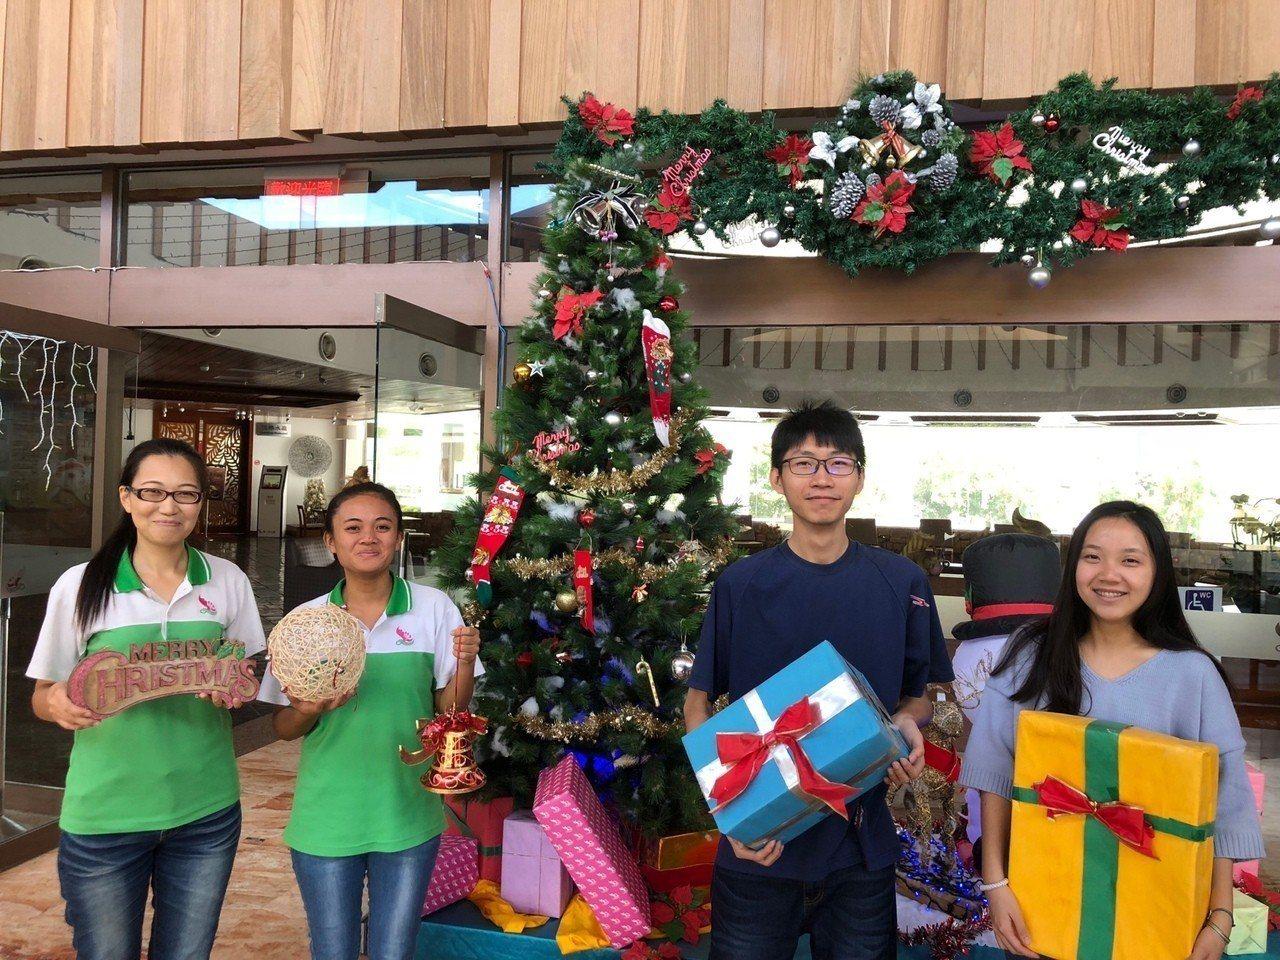 屏東小墾丁度假村為鼓勵位處偏遠的滿州國中學生,透過畫作讓外界看見家鄉之美,耶誕節...